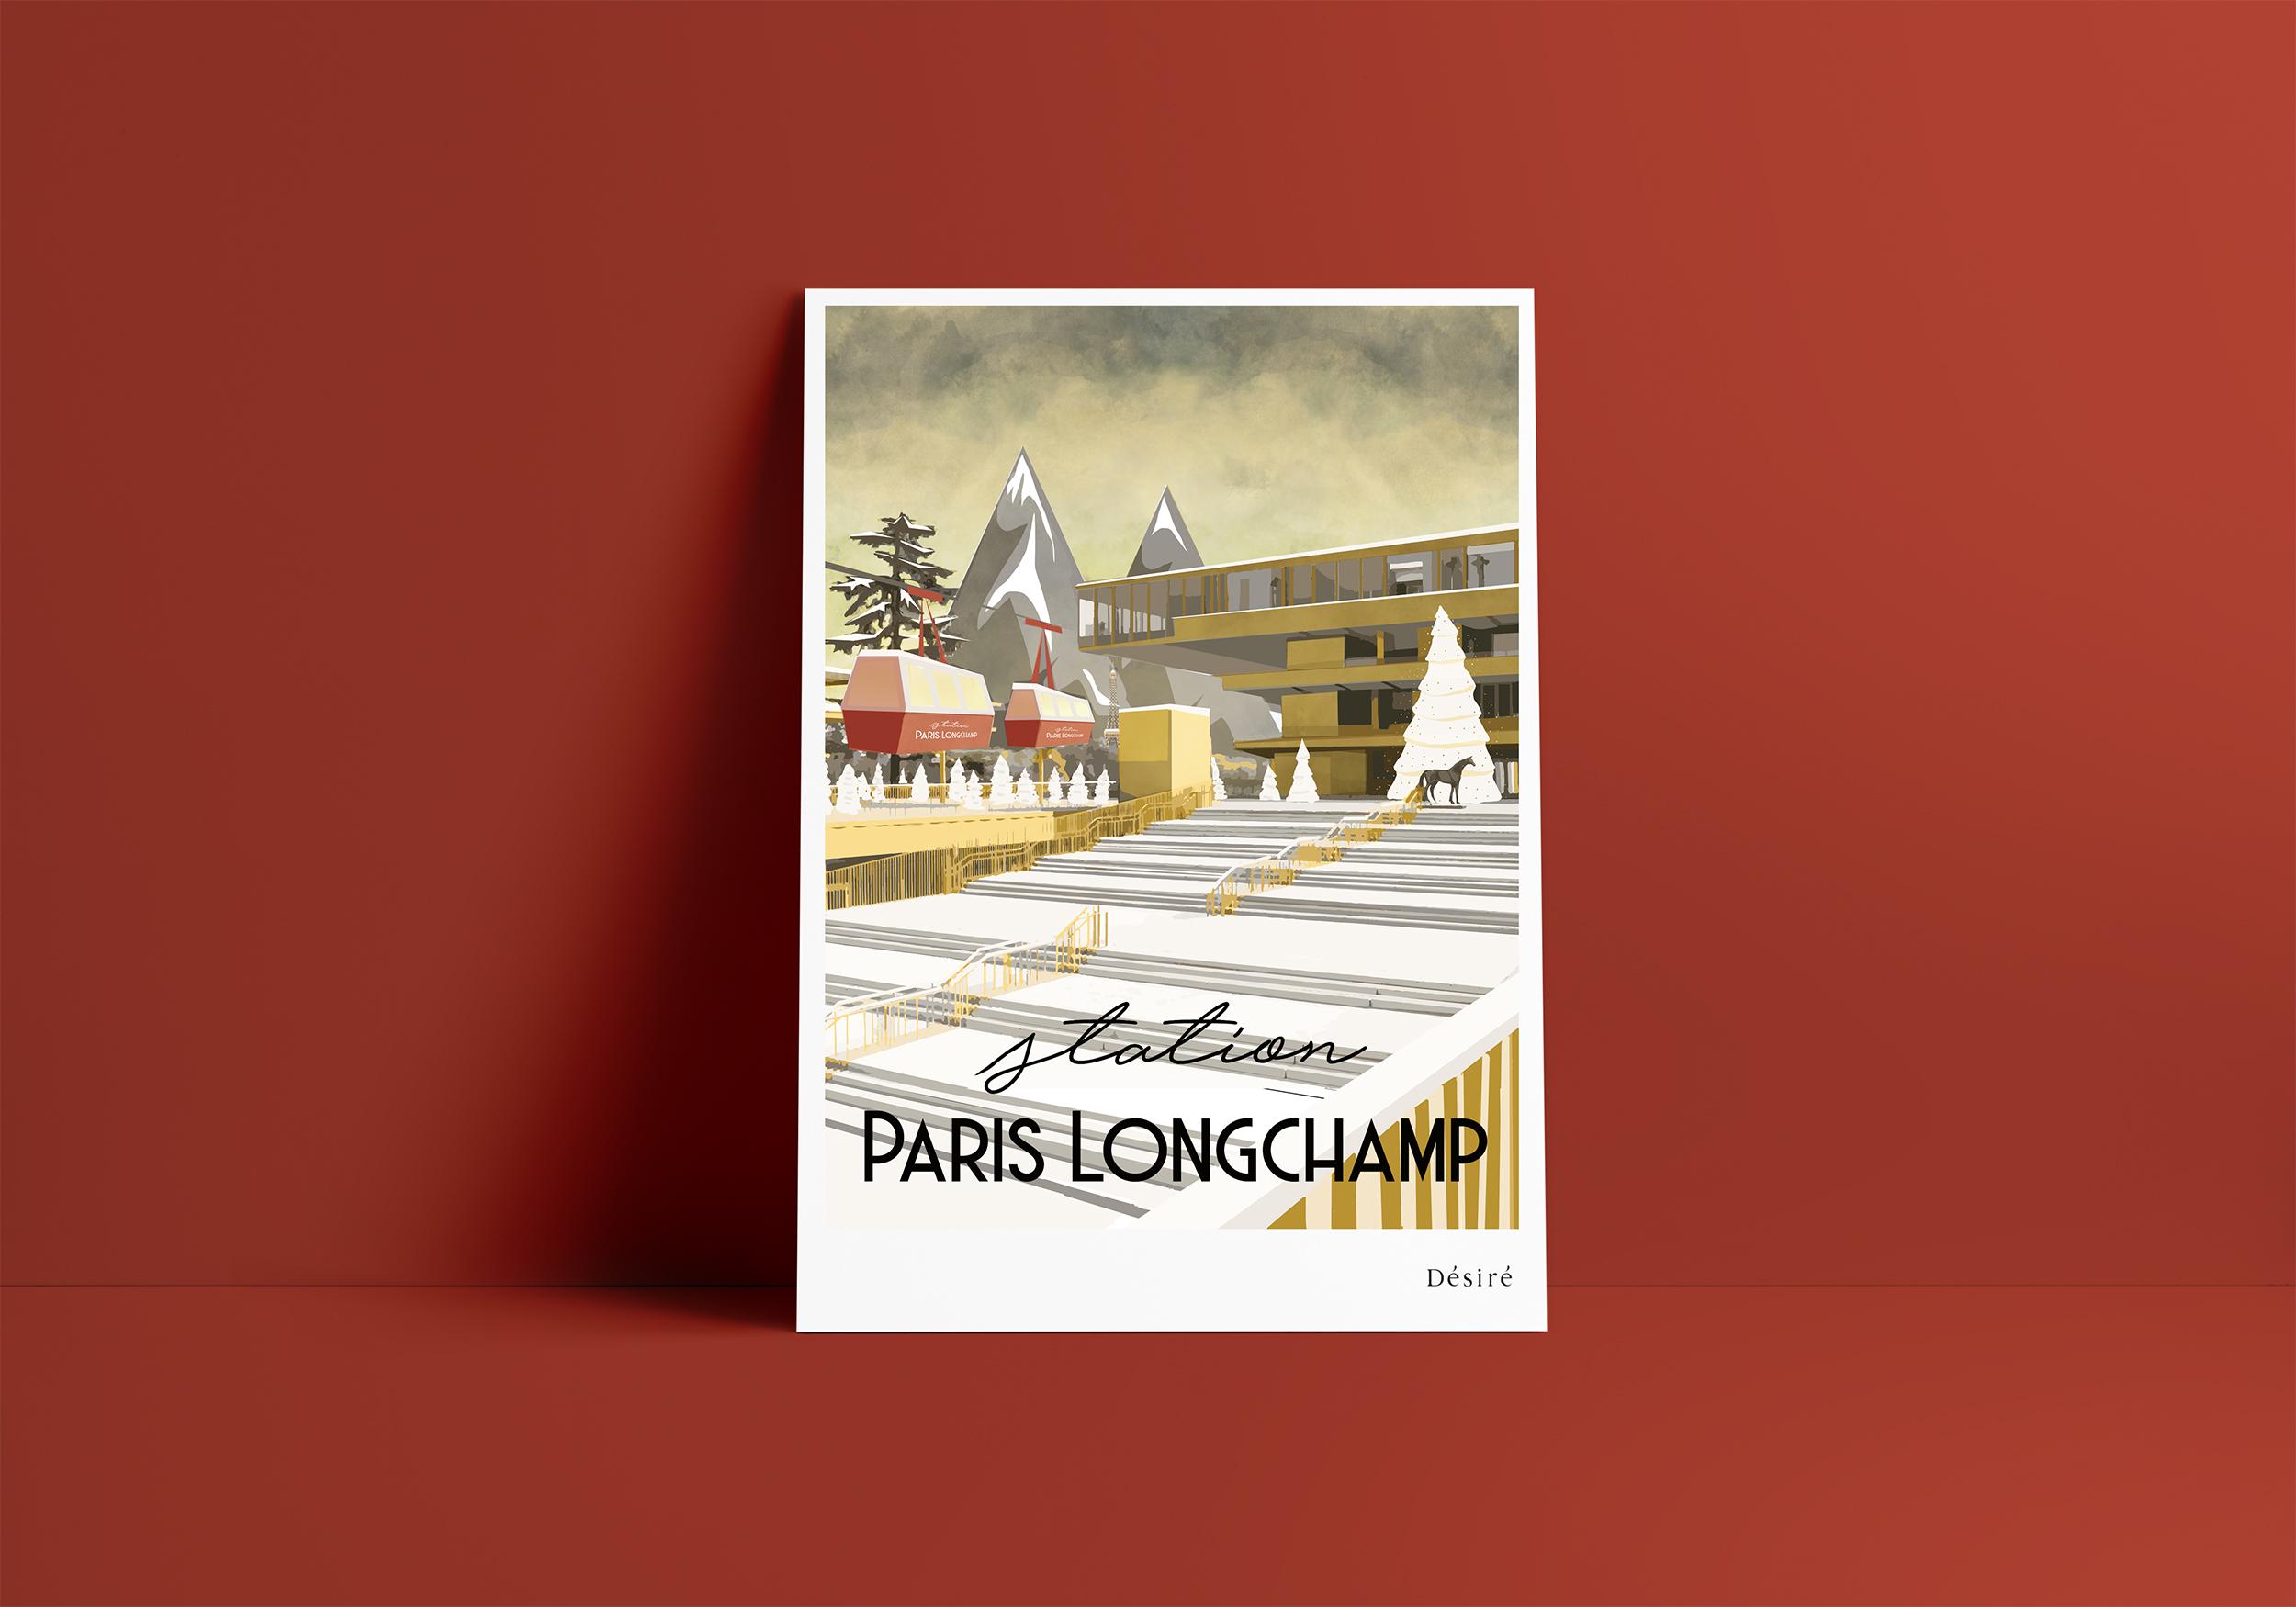 Identité Station ParisLongchamp